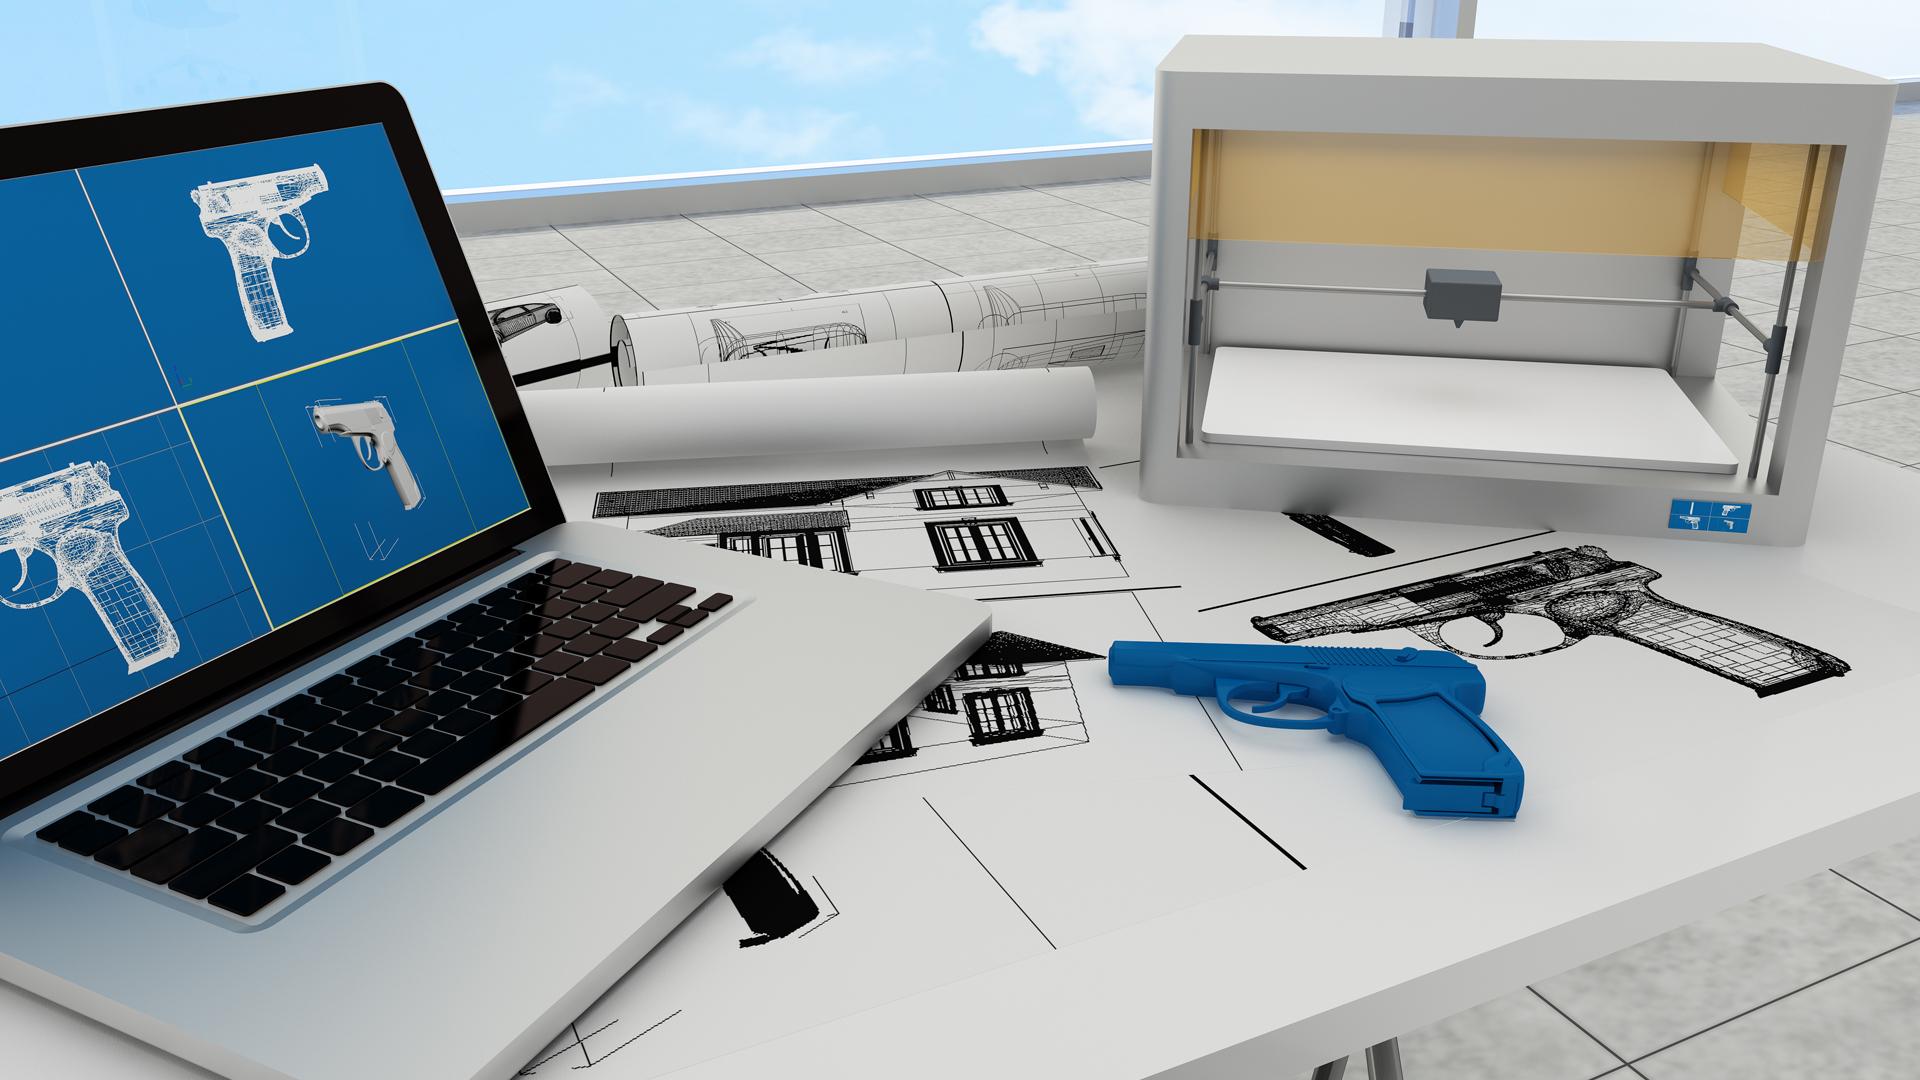 3d printing technology, printing gun_1533127096357